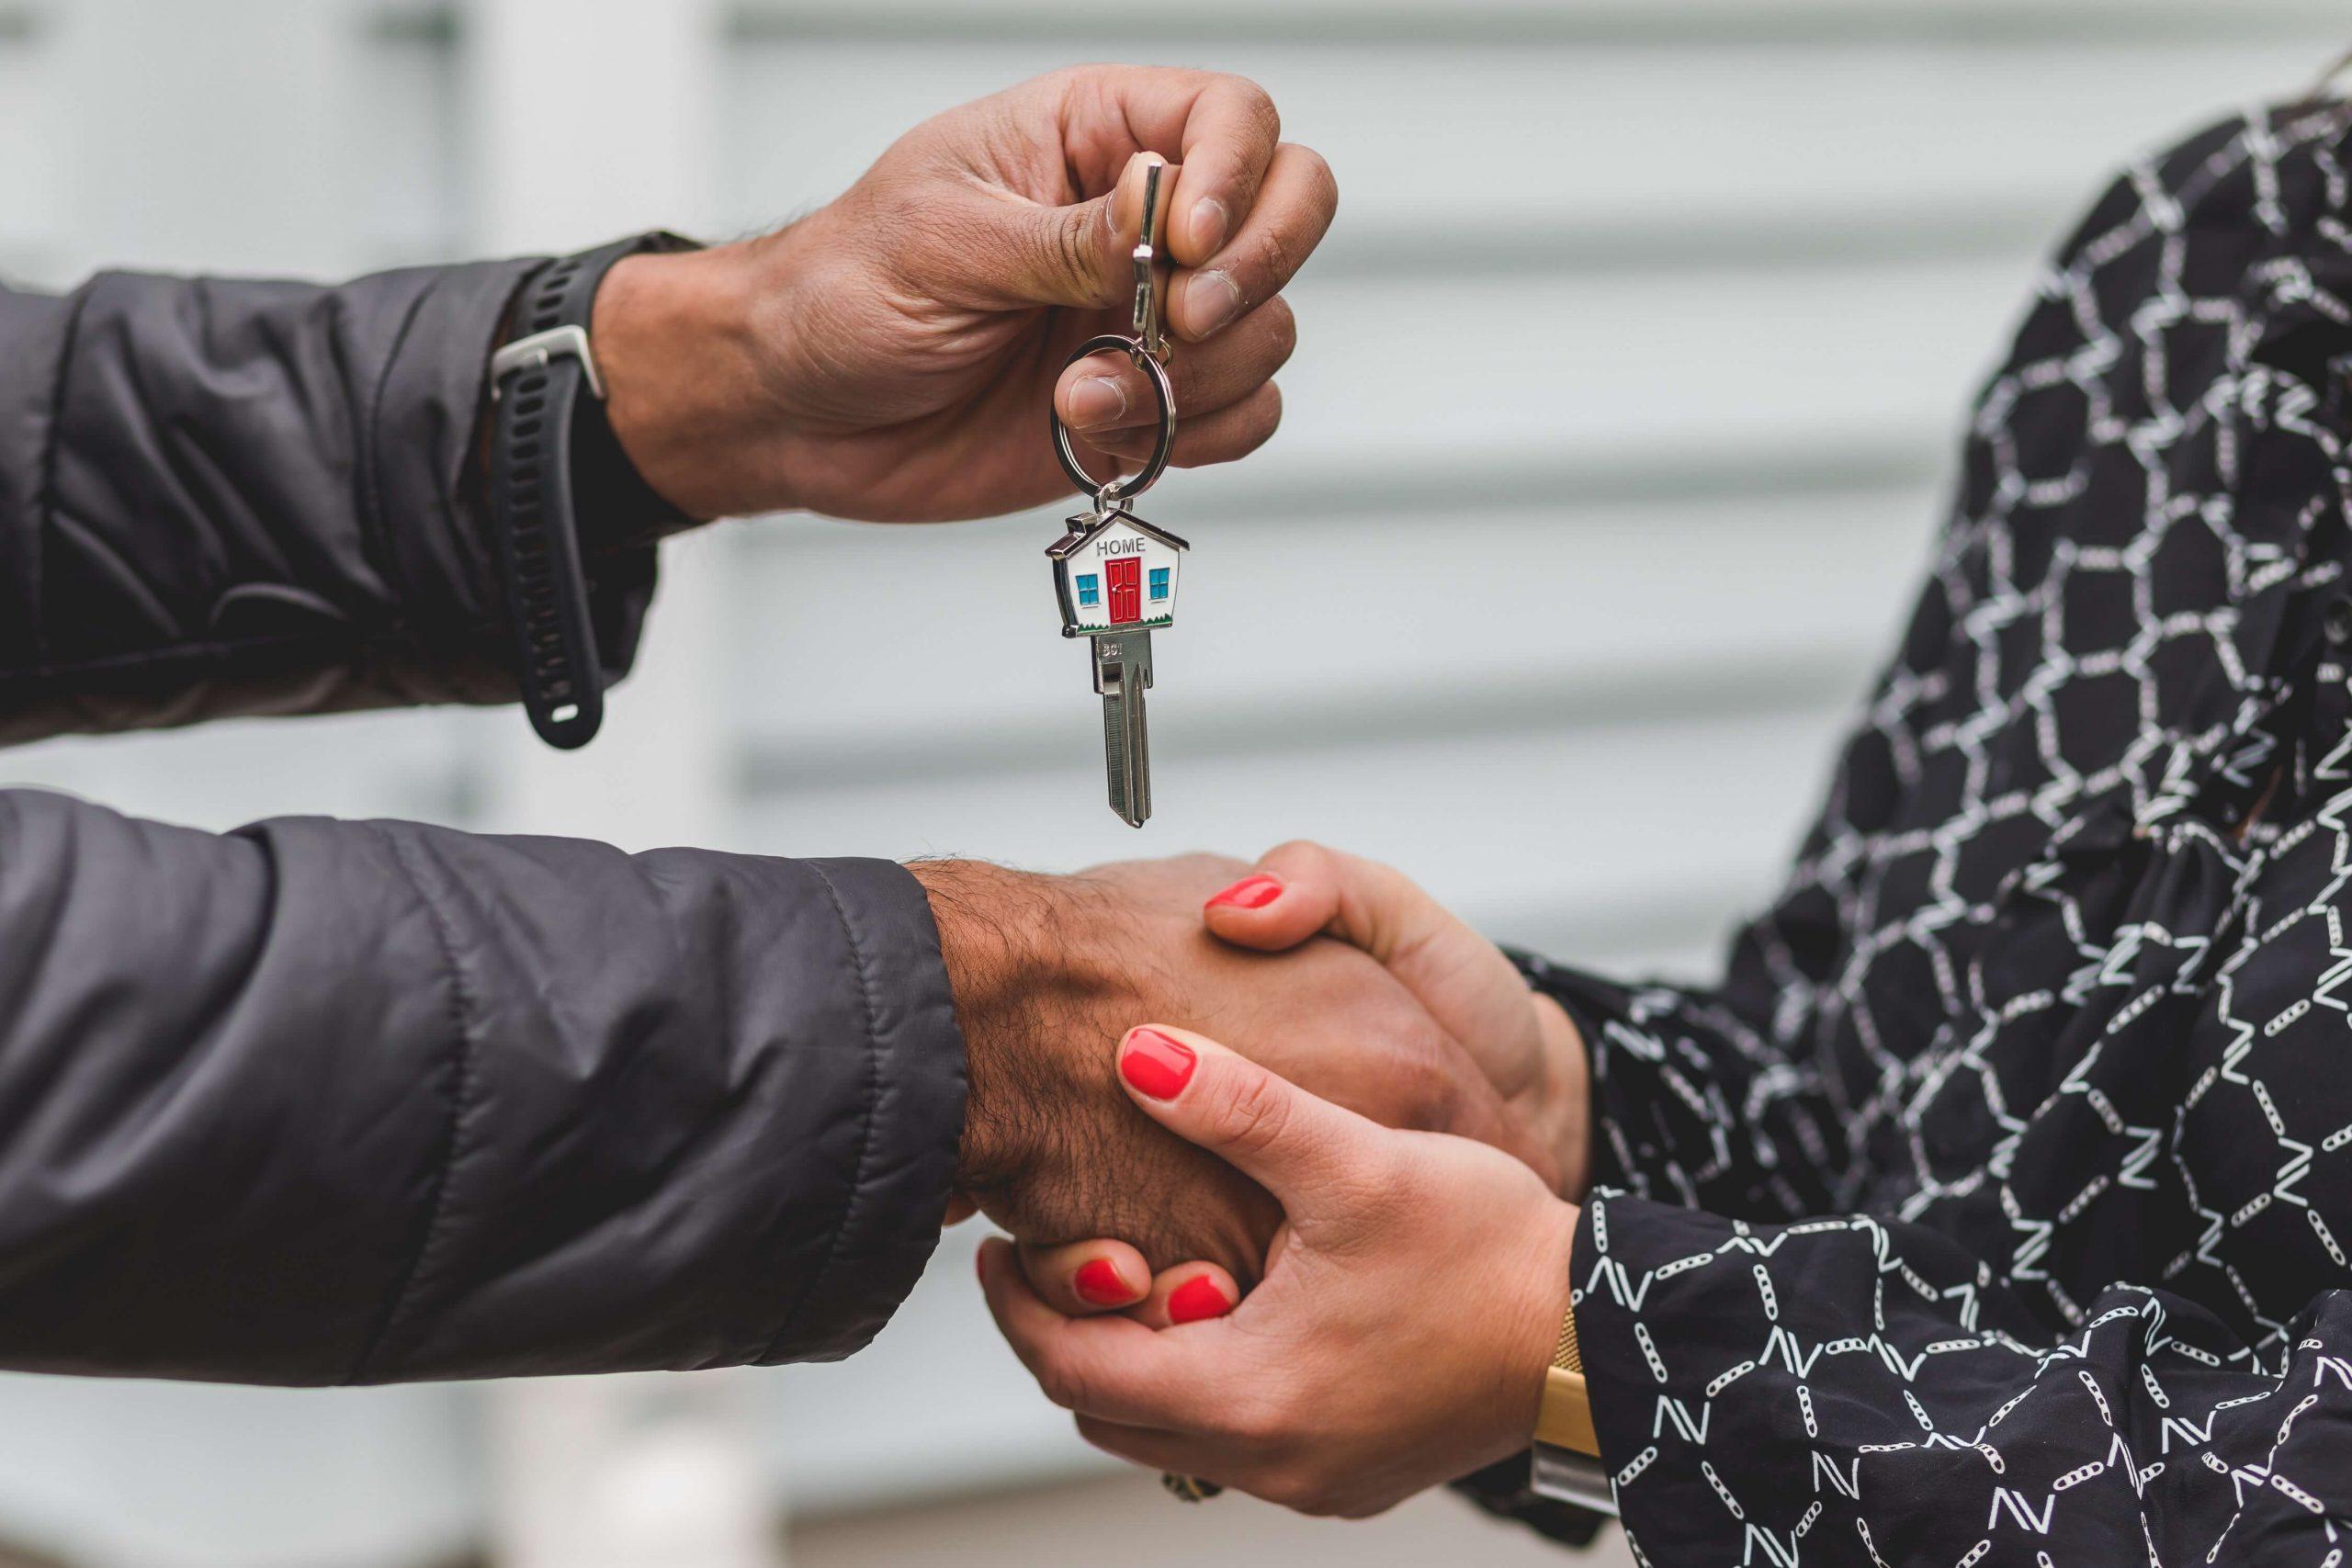 entrega de llaves para evitar desalojo de la vivienda en lanzamiento de desahucio